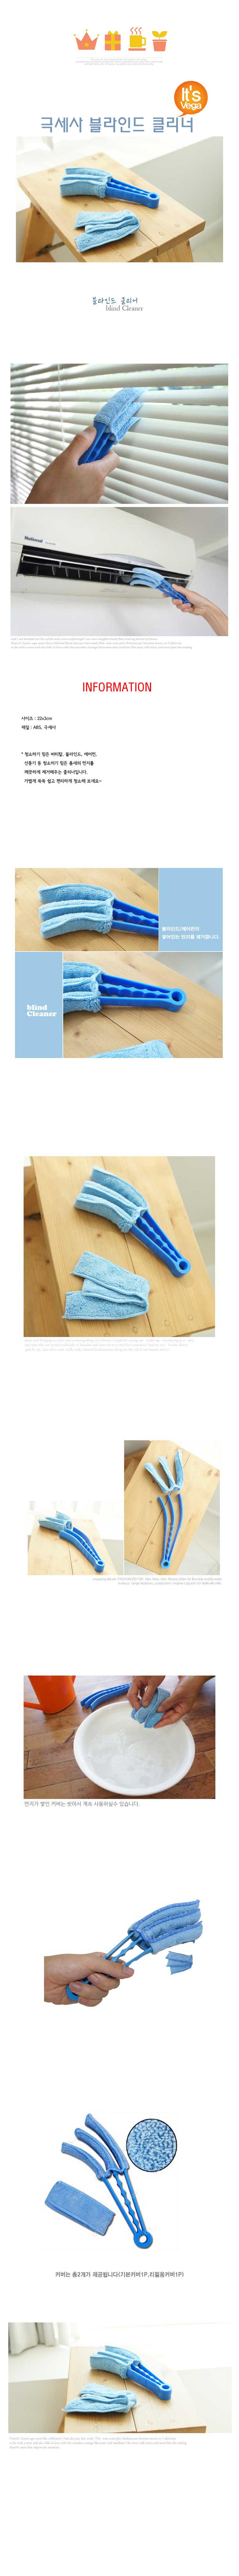 극세사 블라인드 클리너 - 베가, 10,900원, 정리용품/청소, 욕실청소용품